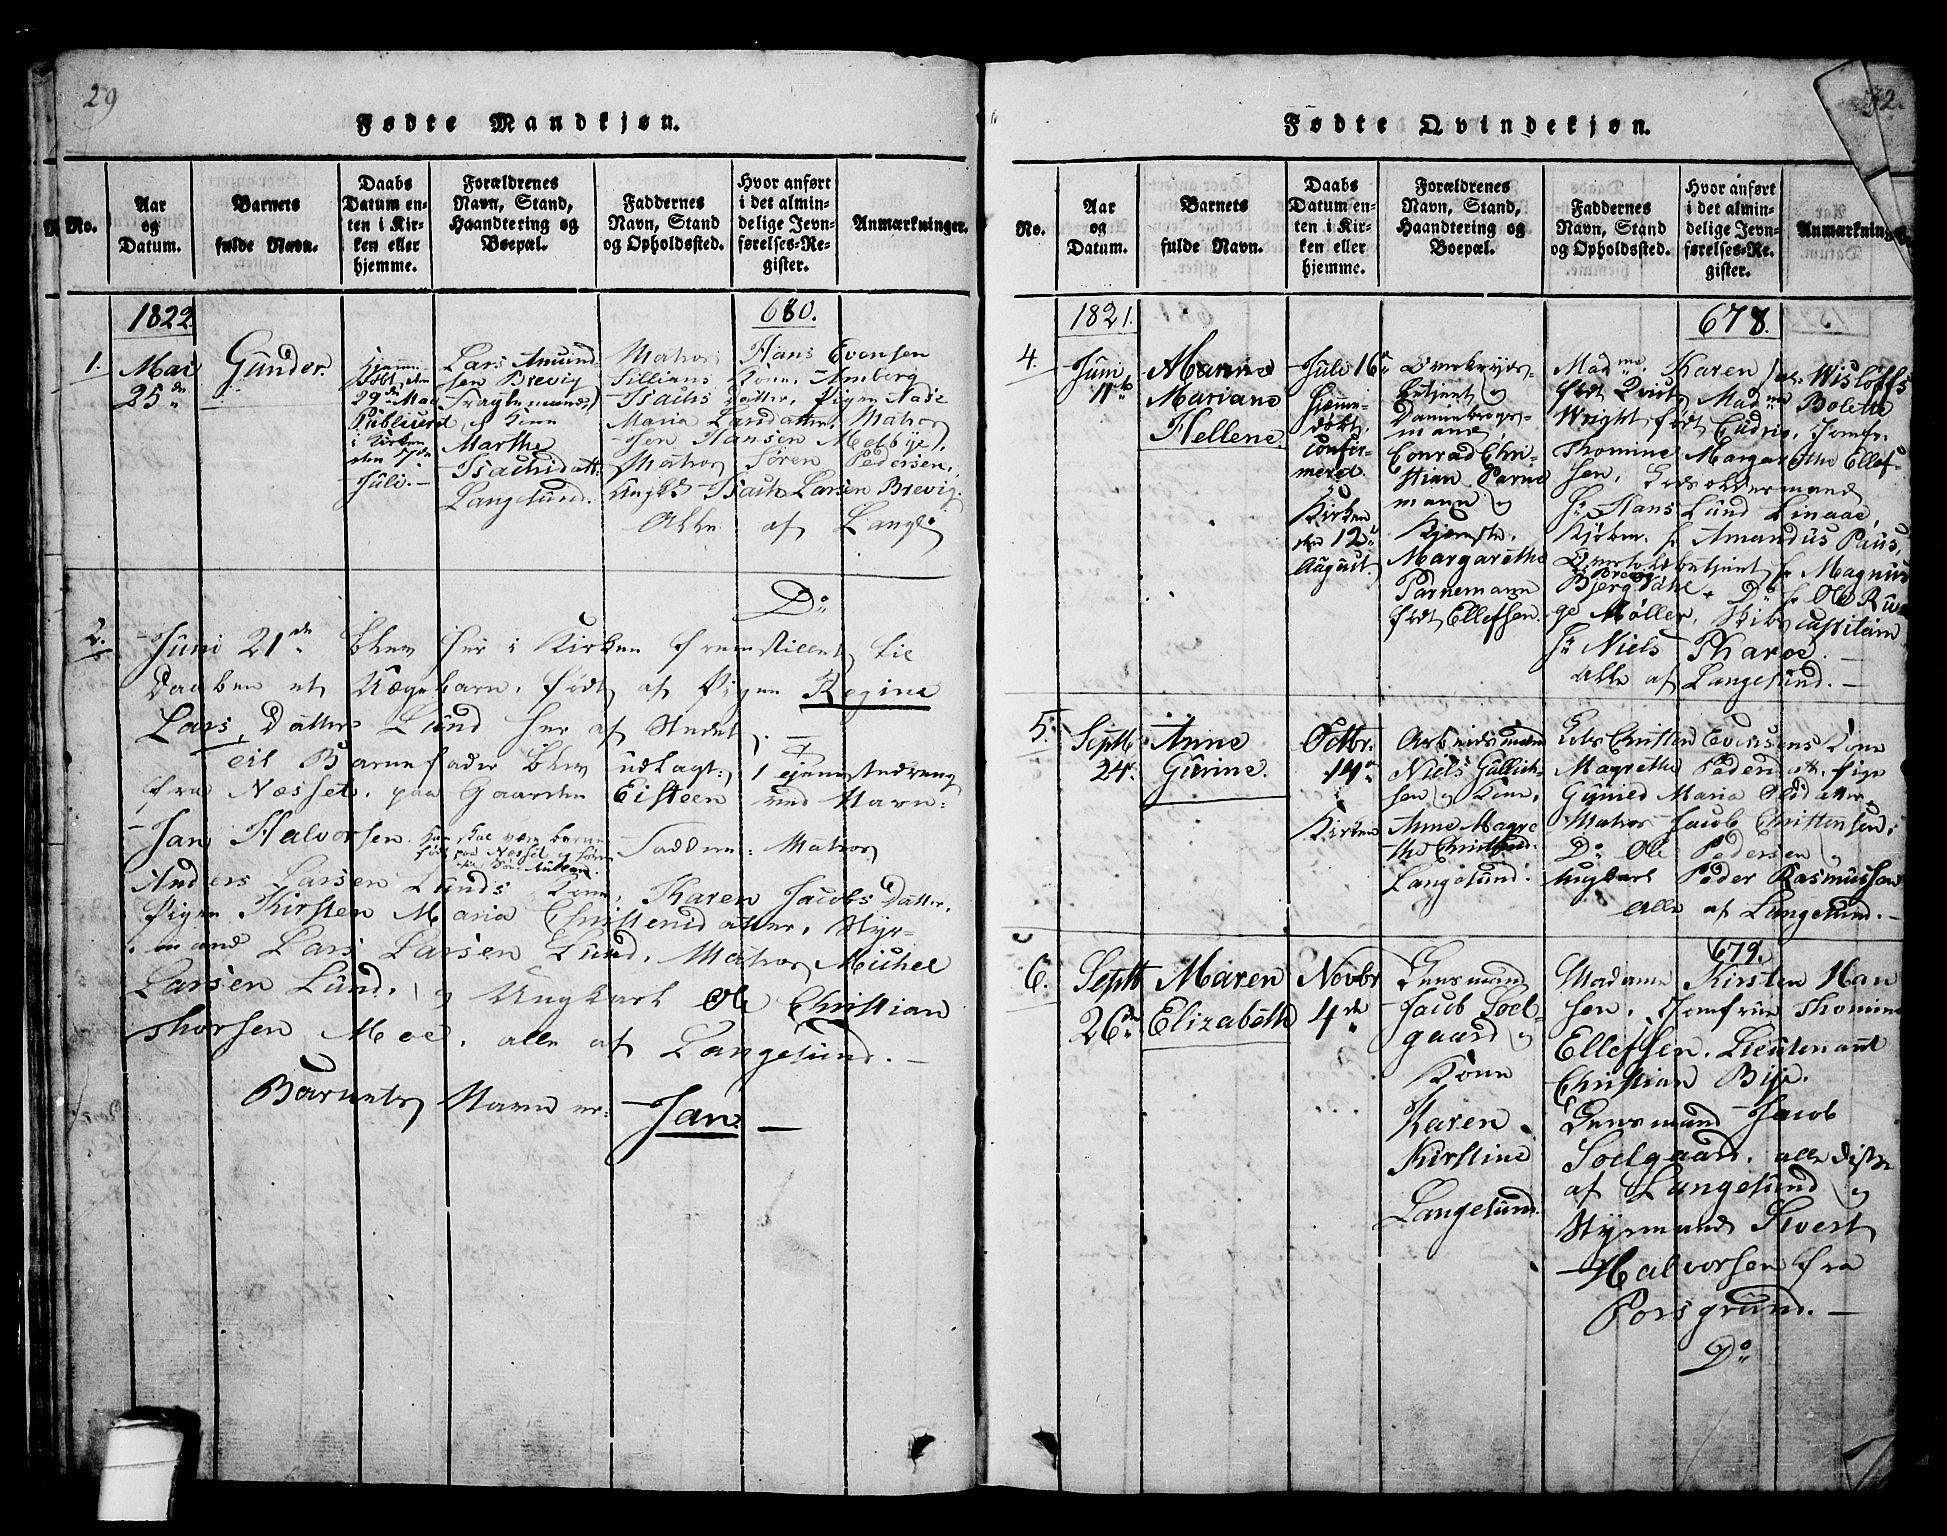 SAKO, Langesund kirkebøker, G/Ga/L0003: Klokkerbok nr. 3, 1815-1858, s. 29-30